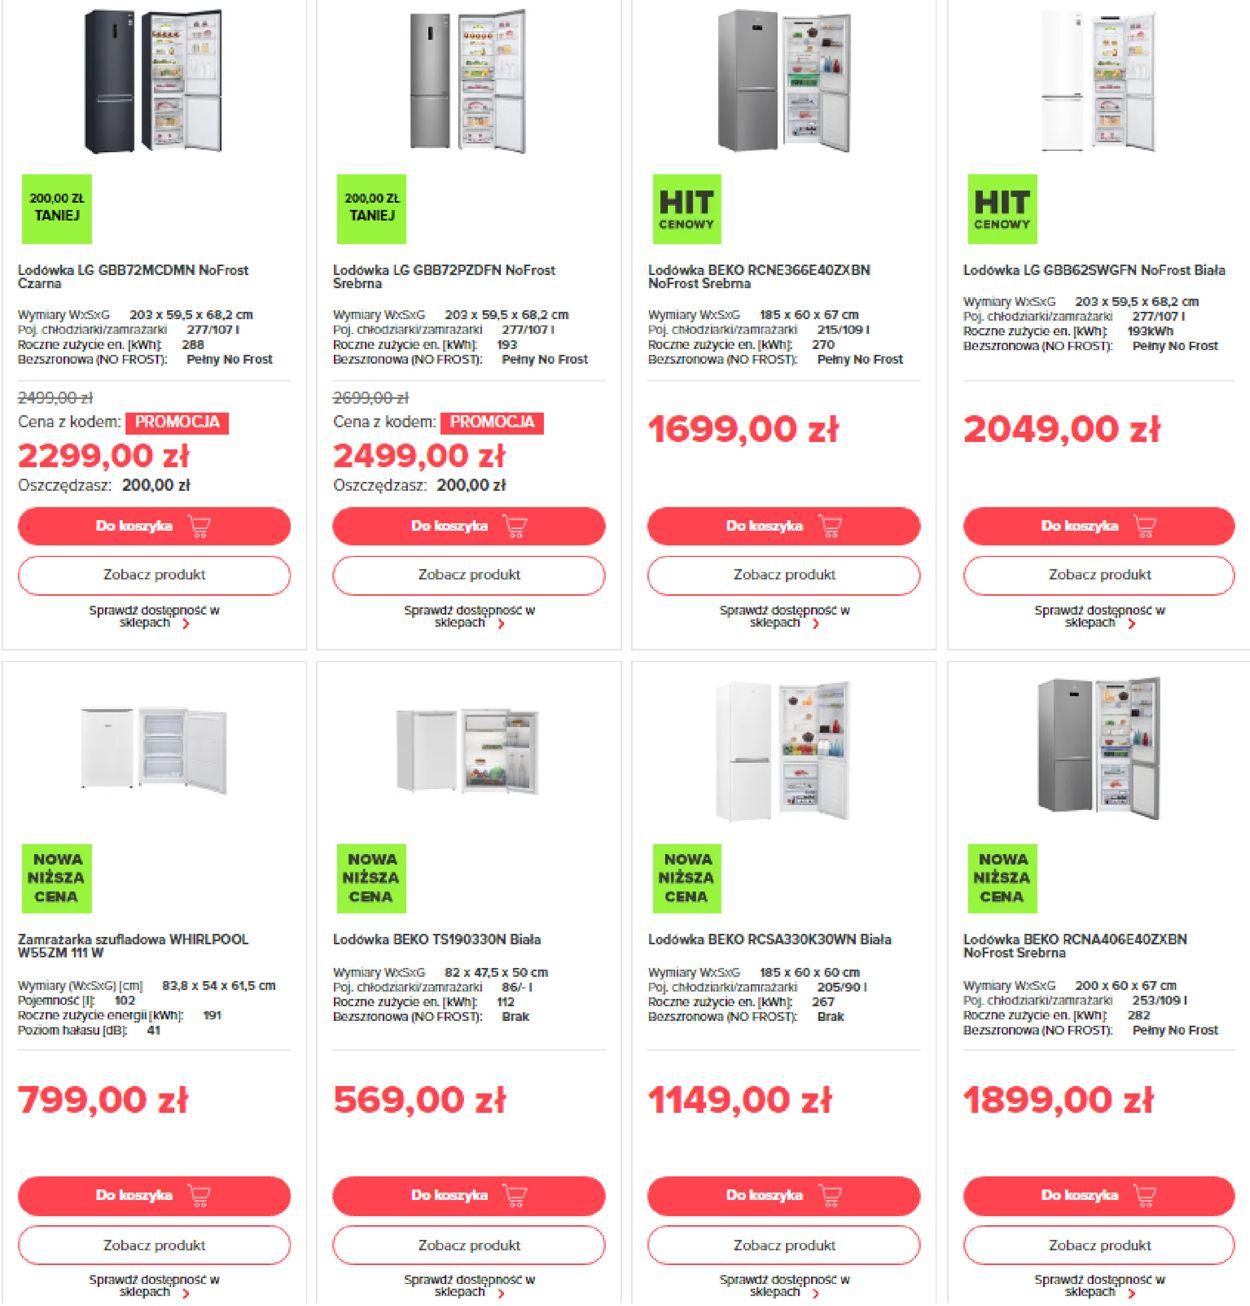 Gazetka promocyjna Neonet - 02.03-08.03.2021 (Strona 4)